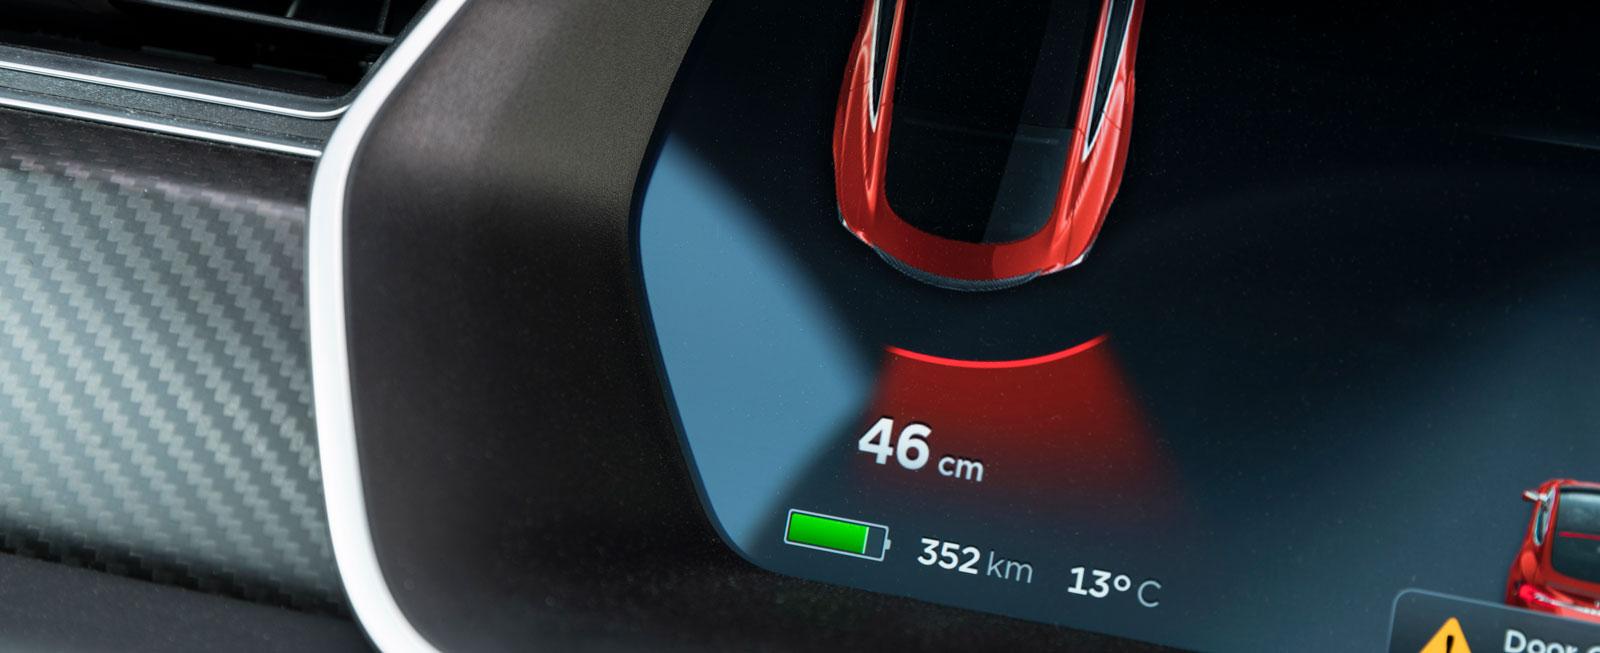 """På den stora pekskärmen kan man välja hur snabbt P90D ska accelerera. I läget """"insane"""" (galen) gör bilen 0–100 km/tim på 3,3 sekunder på bekostnad av kortare räckvidd."""